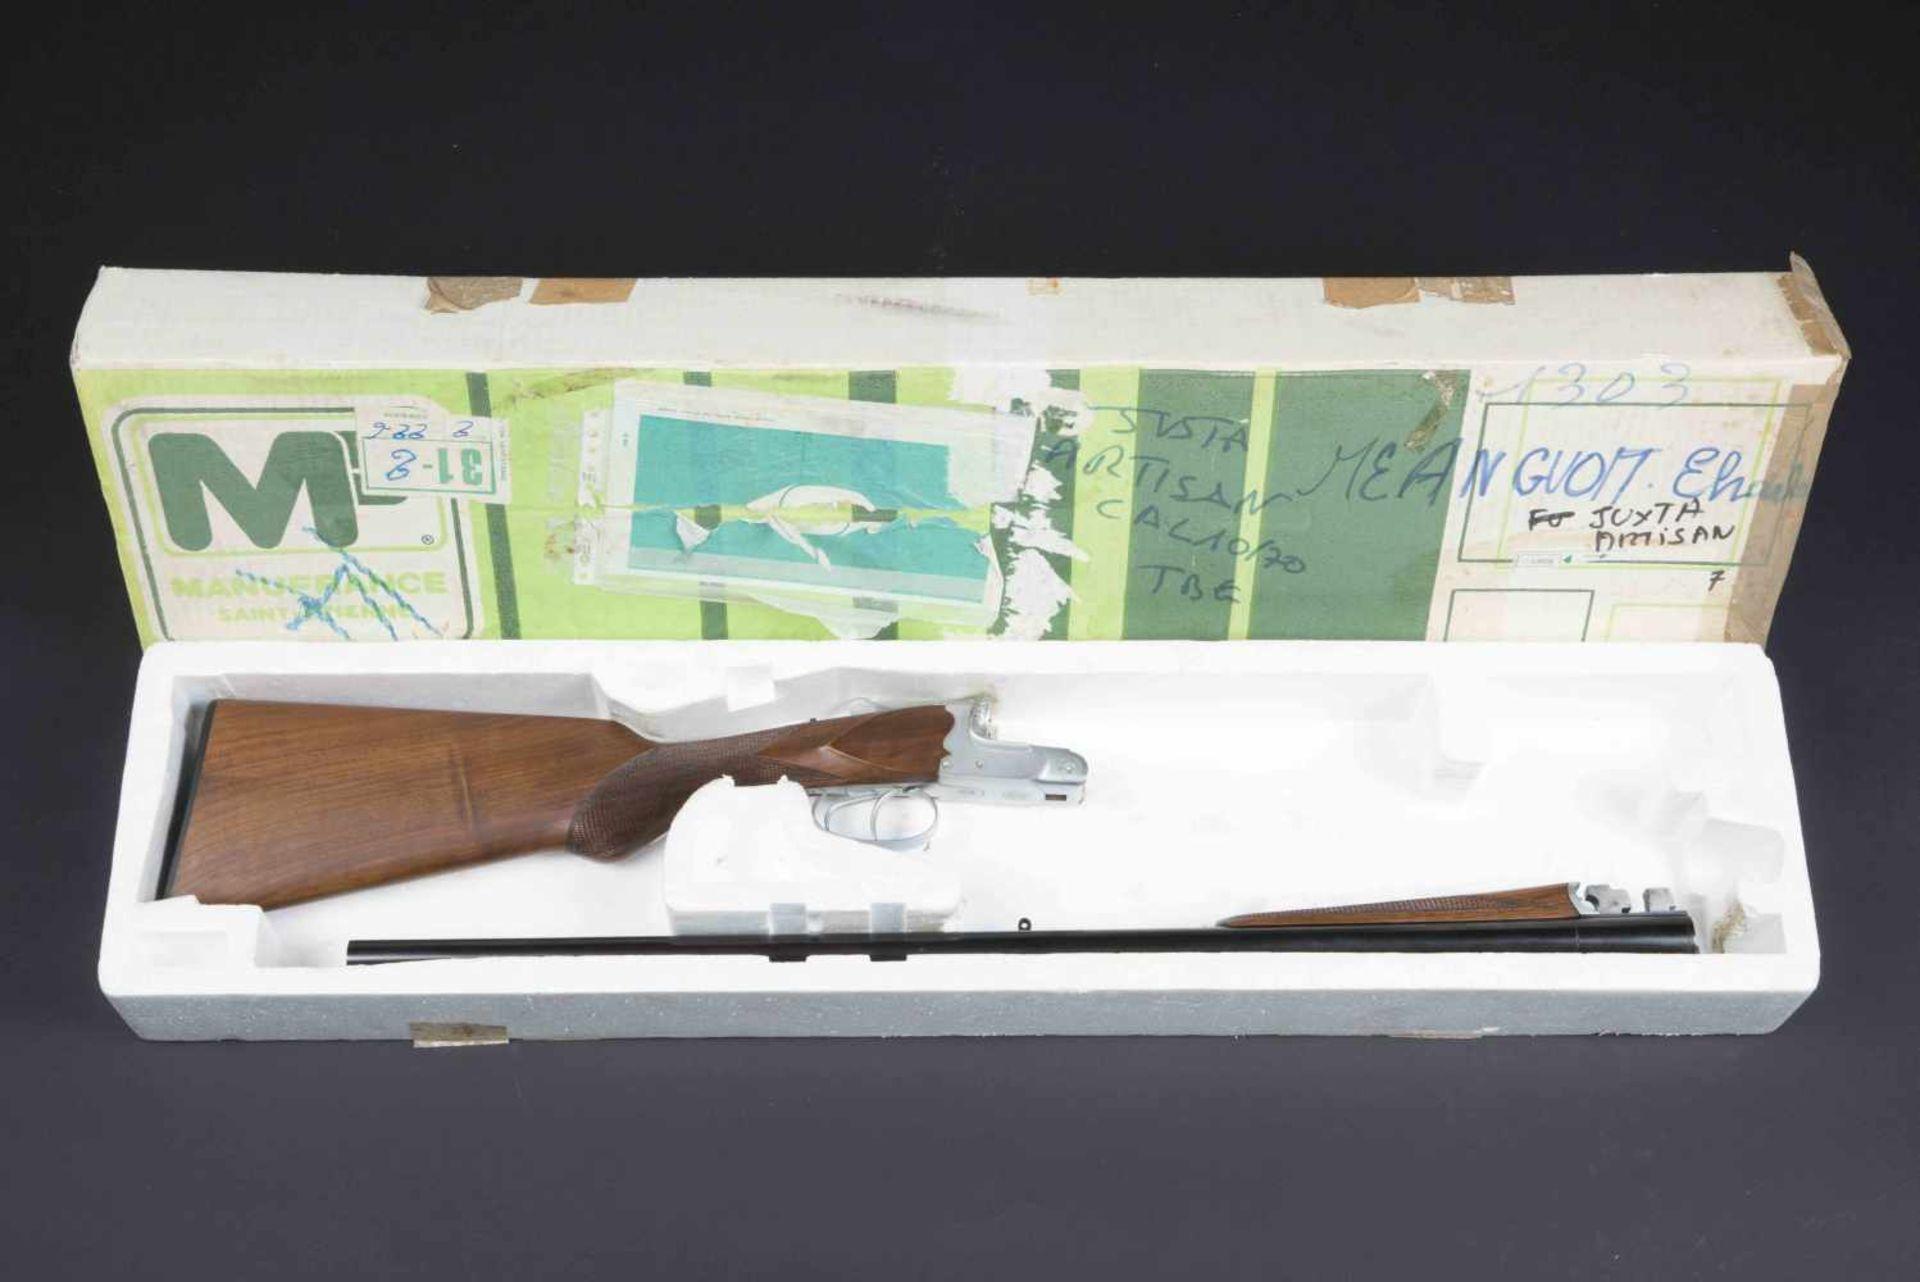 Fusil juxtaposé modèle artisanal Catégorie C Calibre 10/70. Numéro 4207. Canon acier au Creuset.